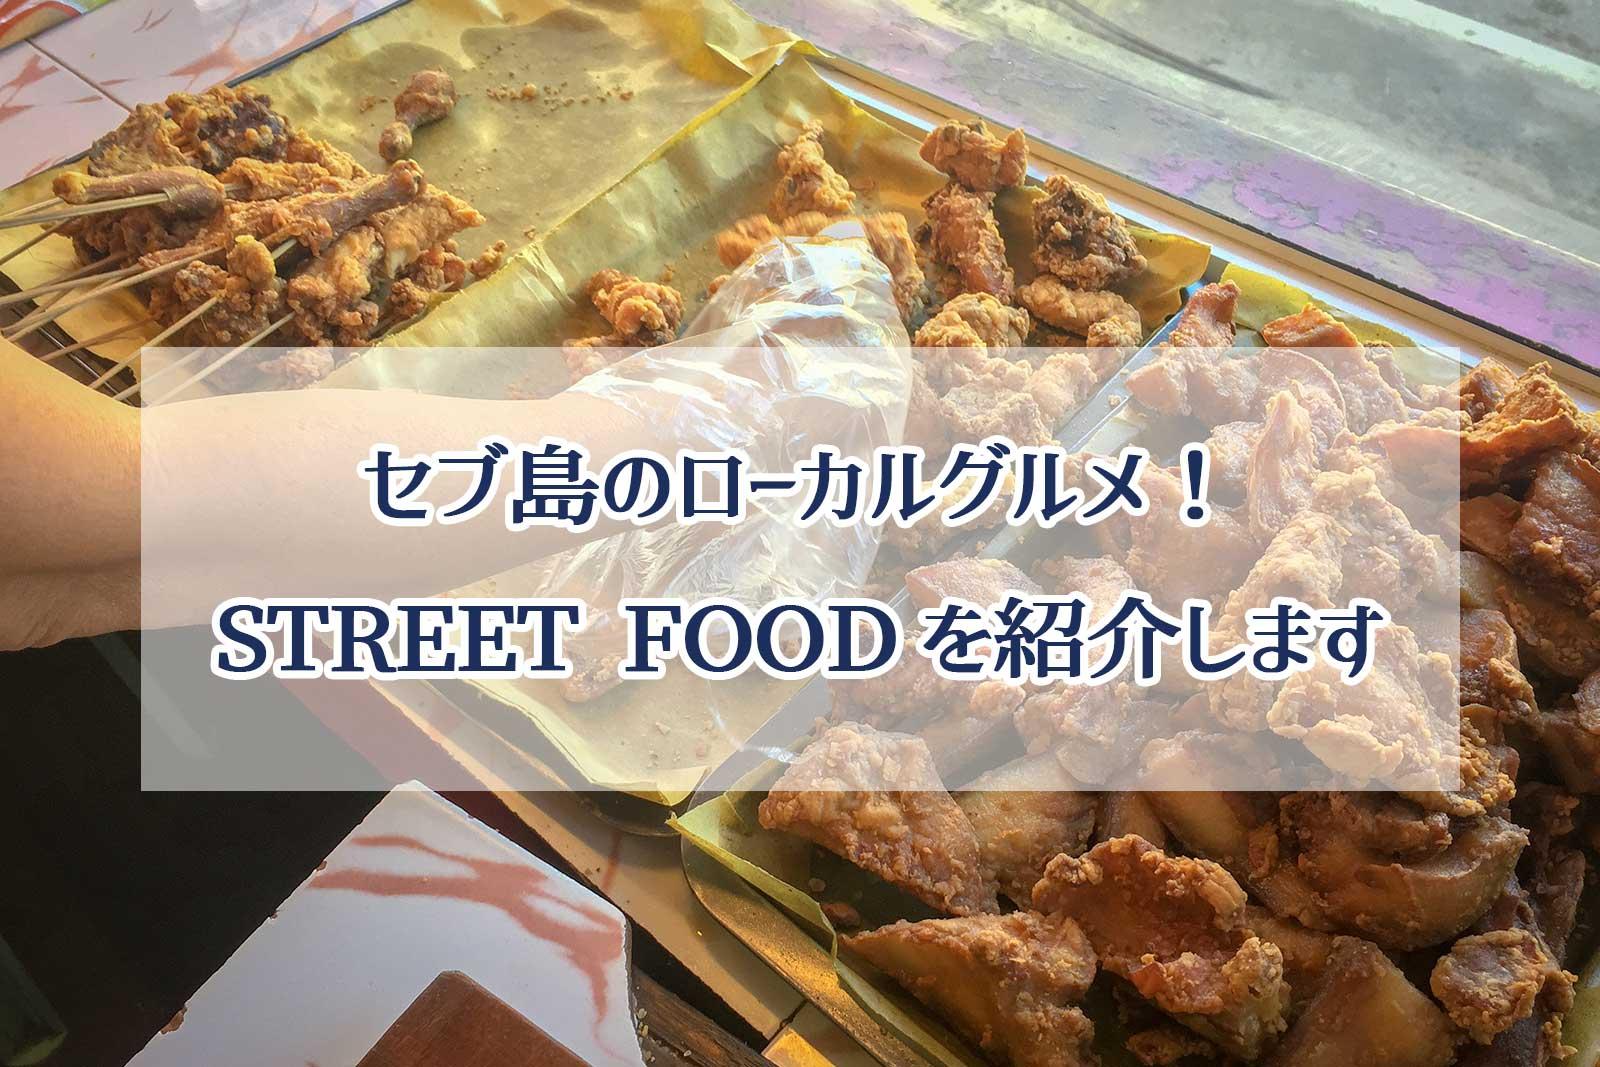 ローカルフードに挑戦!STREET-FOODを紹介します